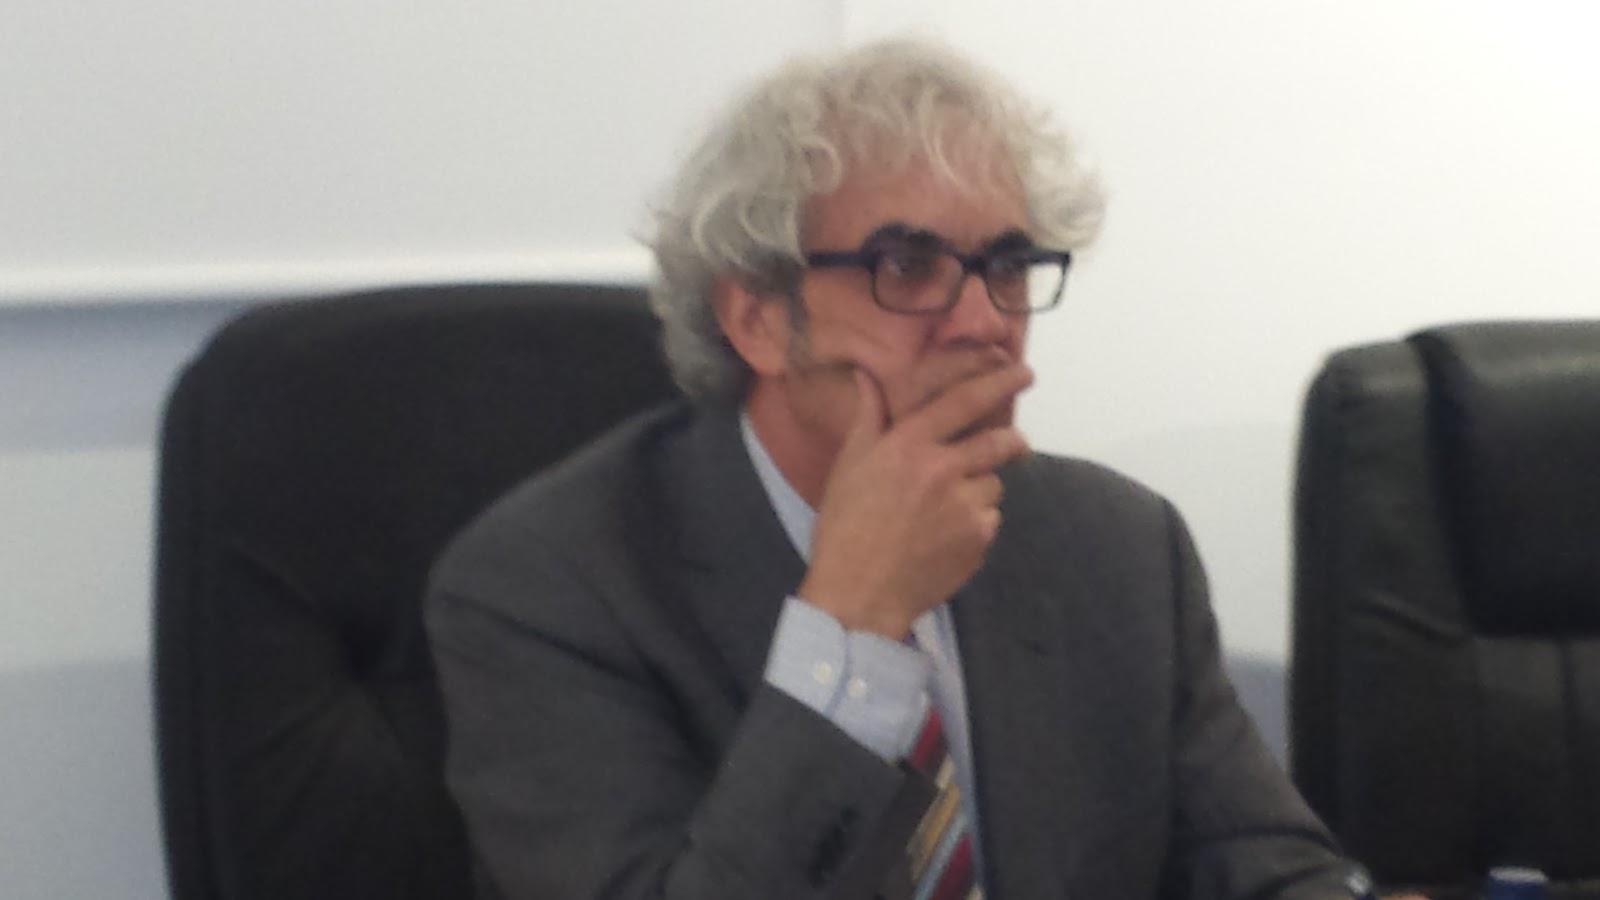 Jose antonio Sanchez Paso durante la conferencia sobre Frances de Zúñiga